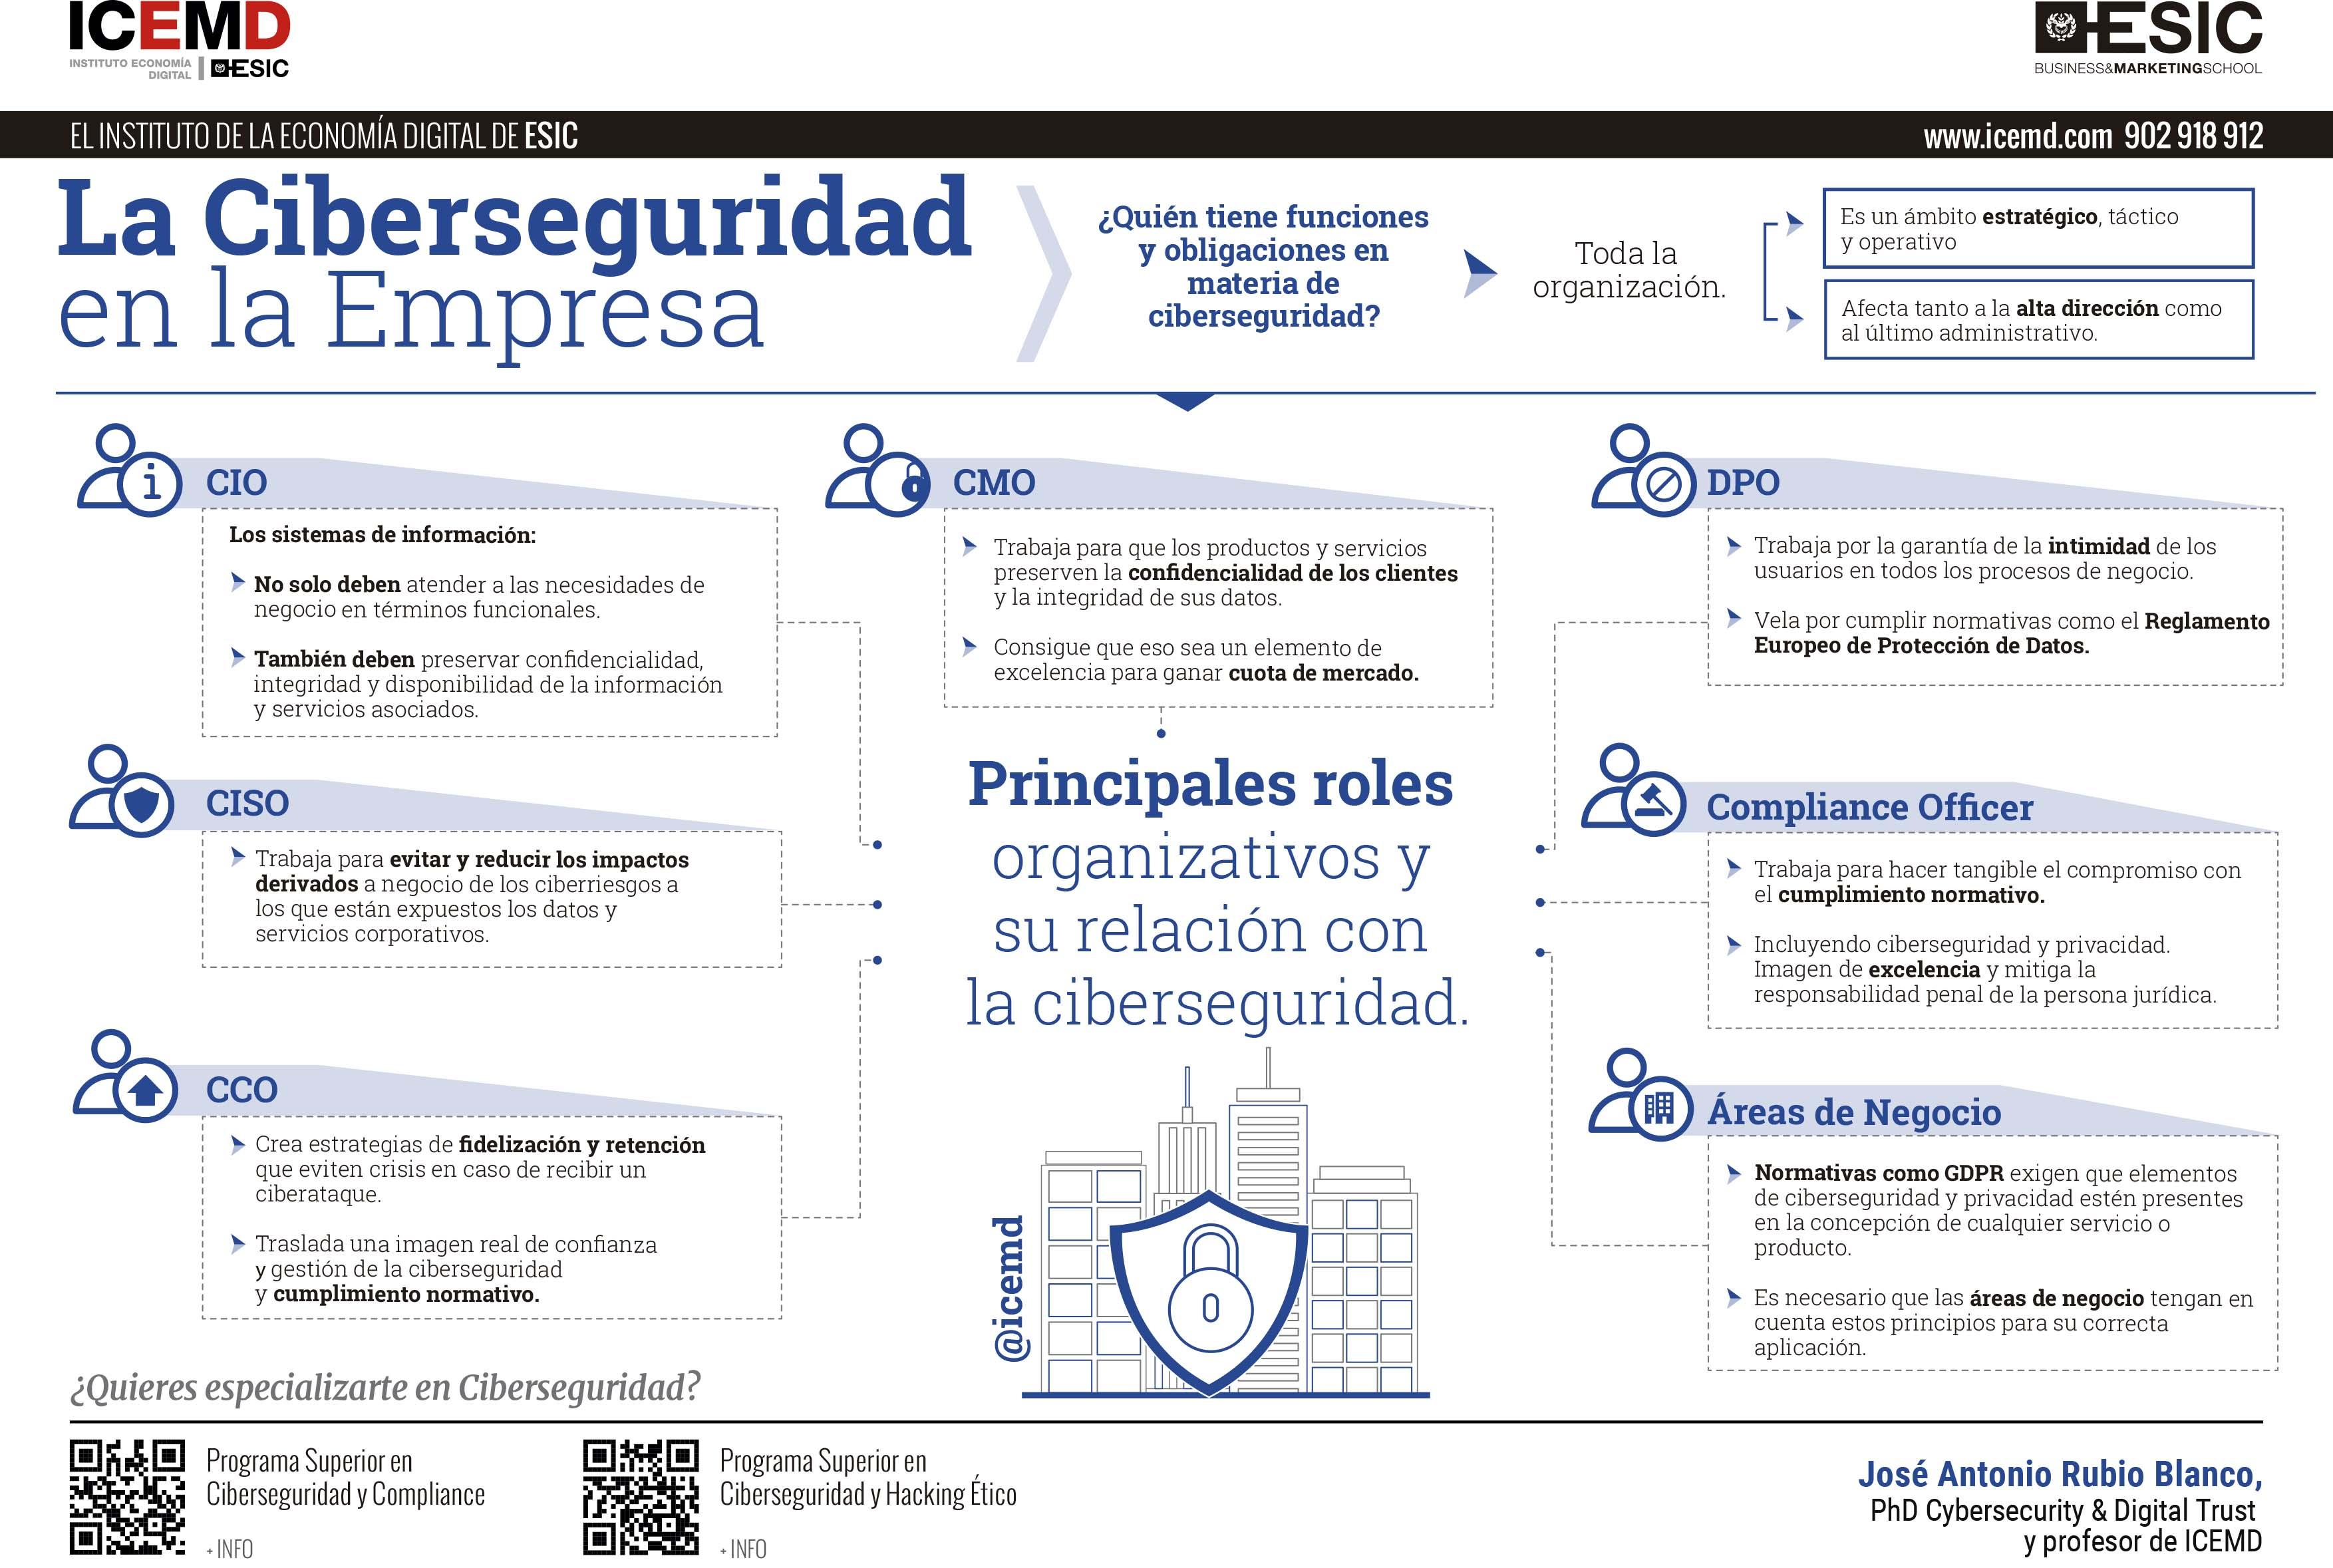 Ciberseguridad en la empresa: ¿quién tiene funciones y obligaciones? - José Antonio Rubio